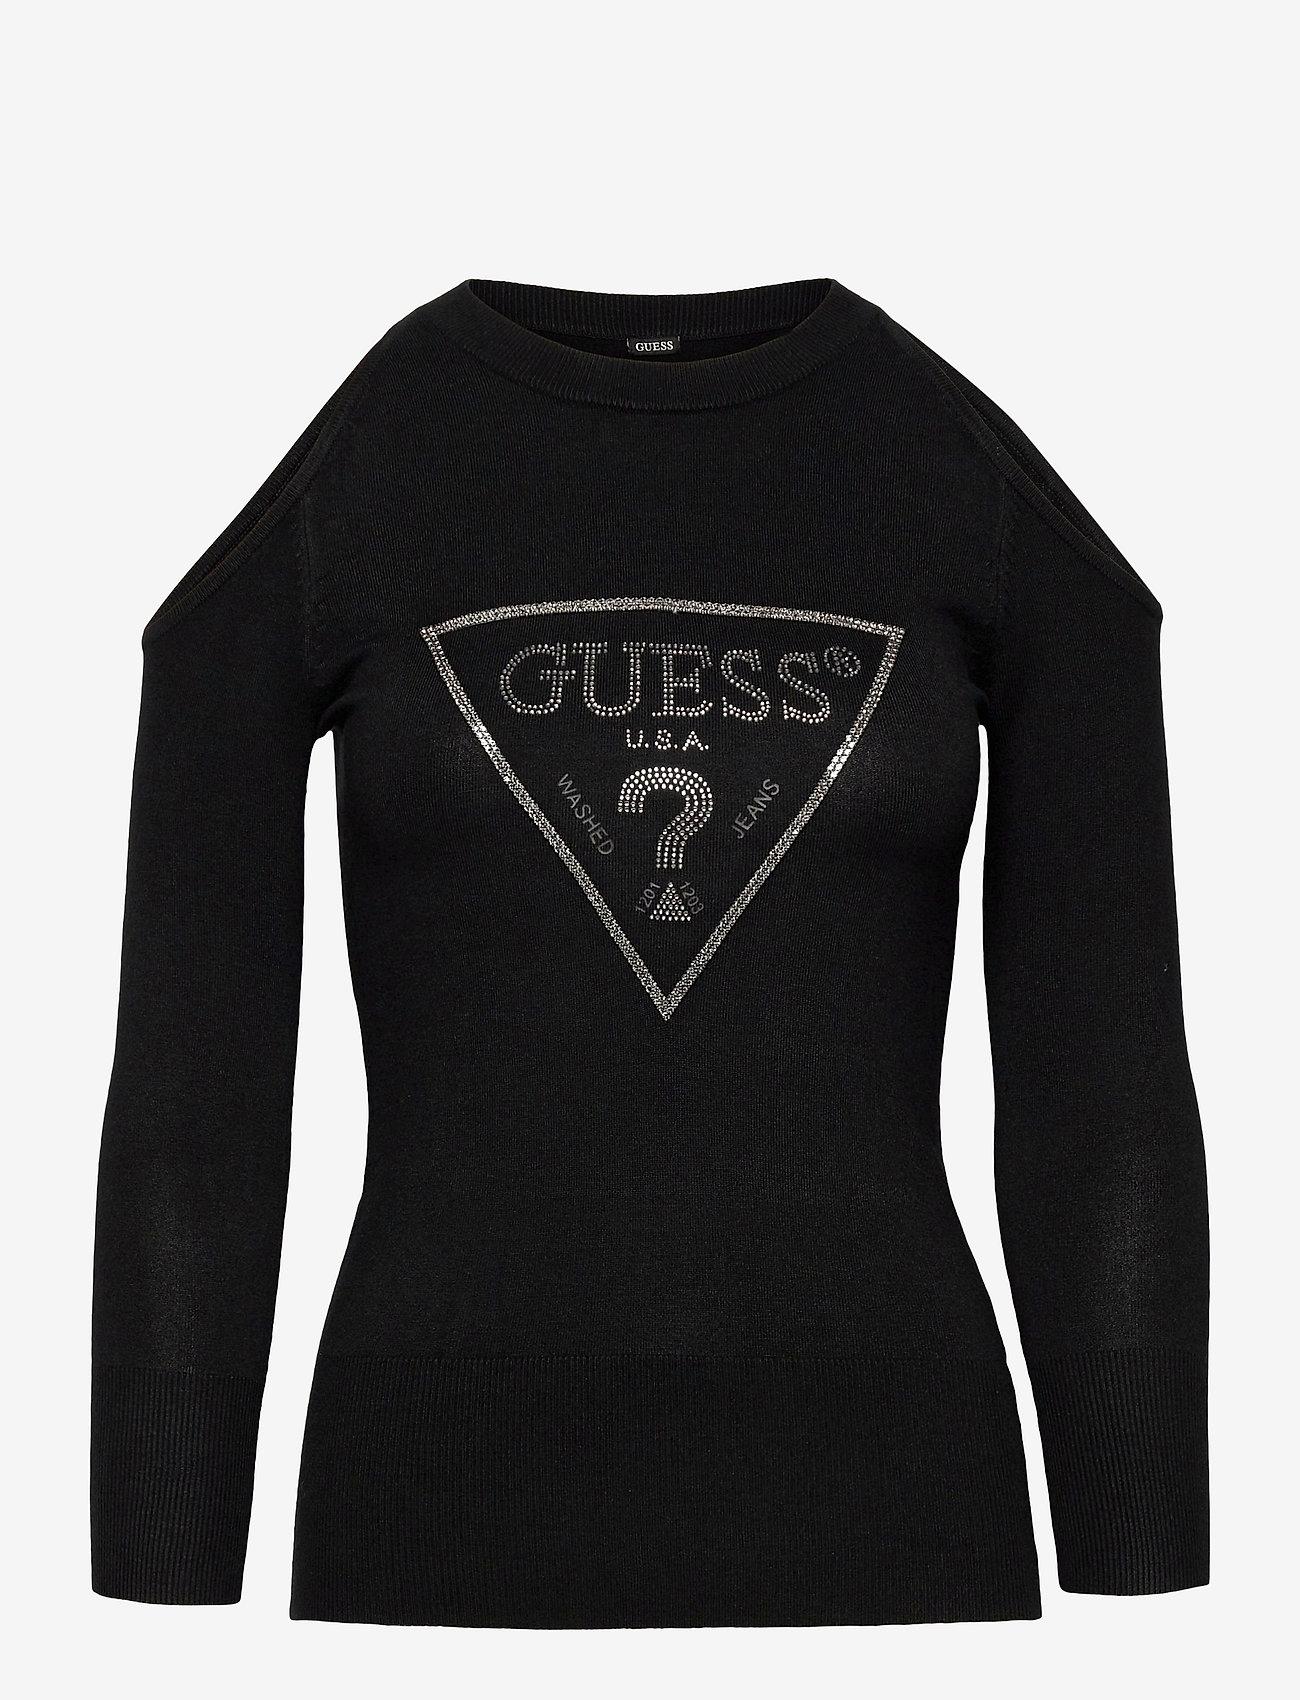 GUESS Jeans - AURELIE CUT OUT SWEATER - pulls - jet black a996 - 0